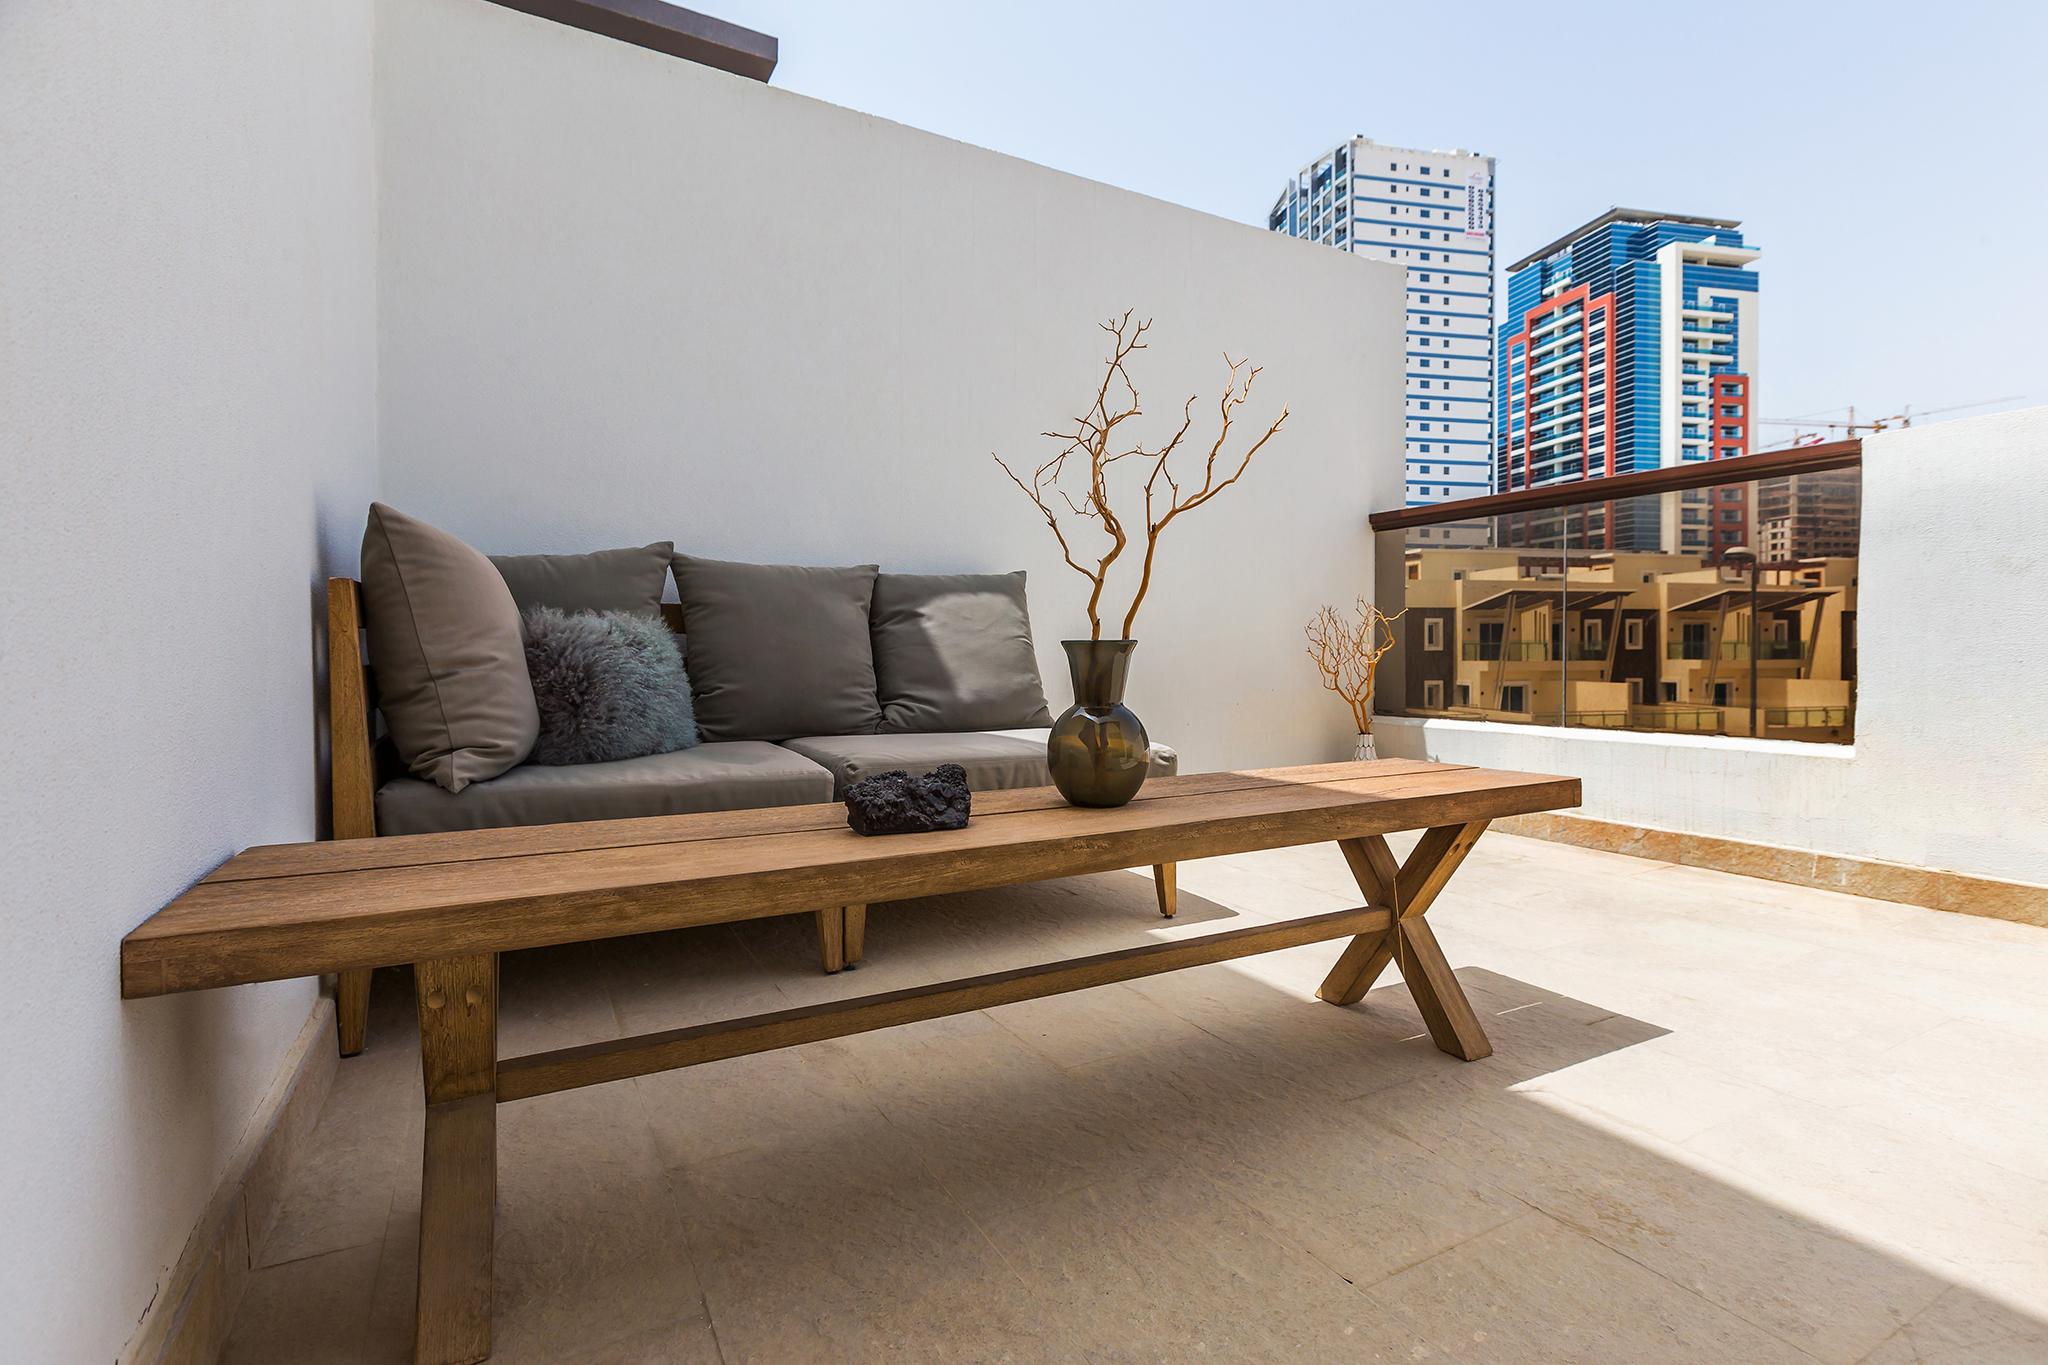 Humongous balcony for each bedroom!